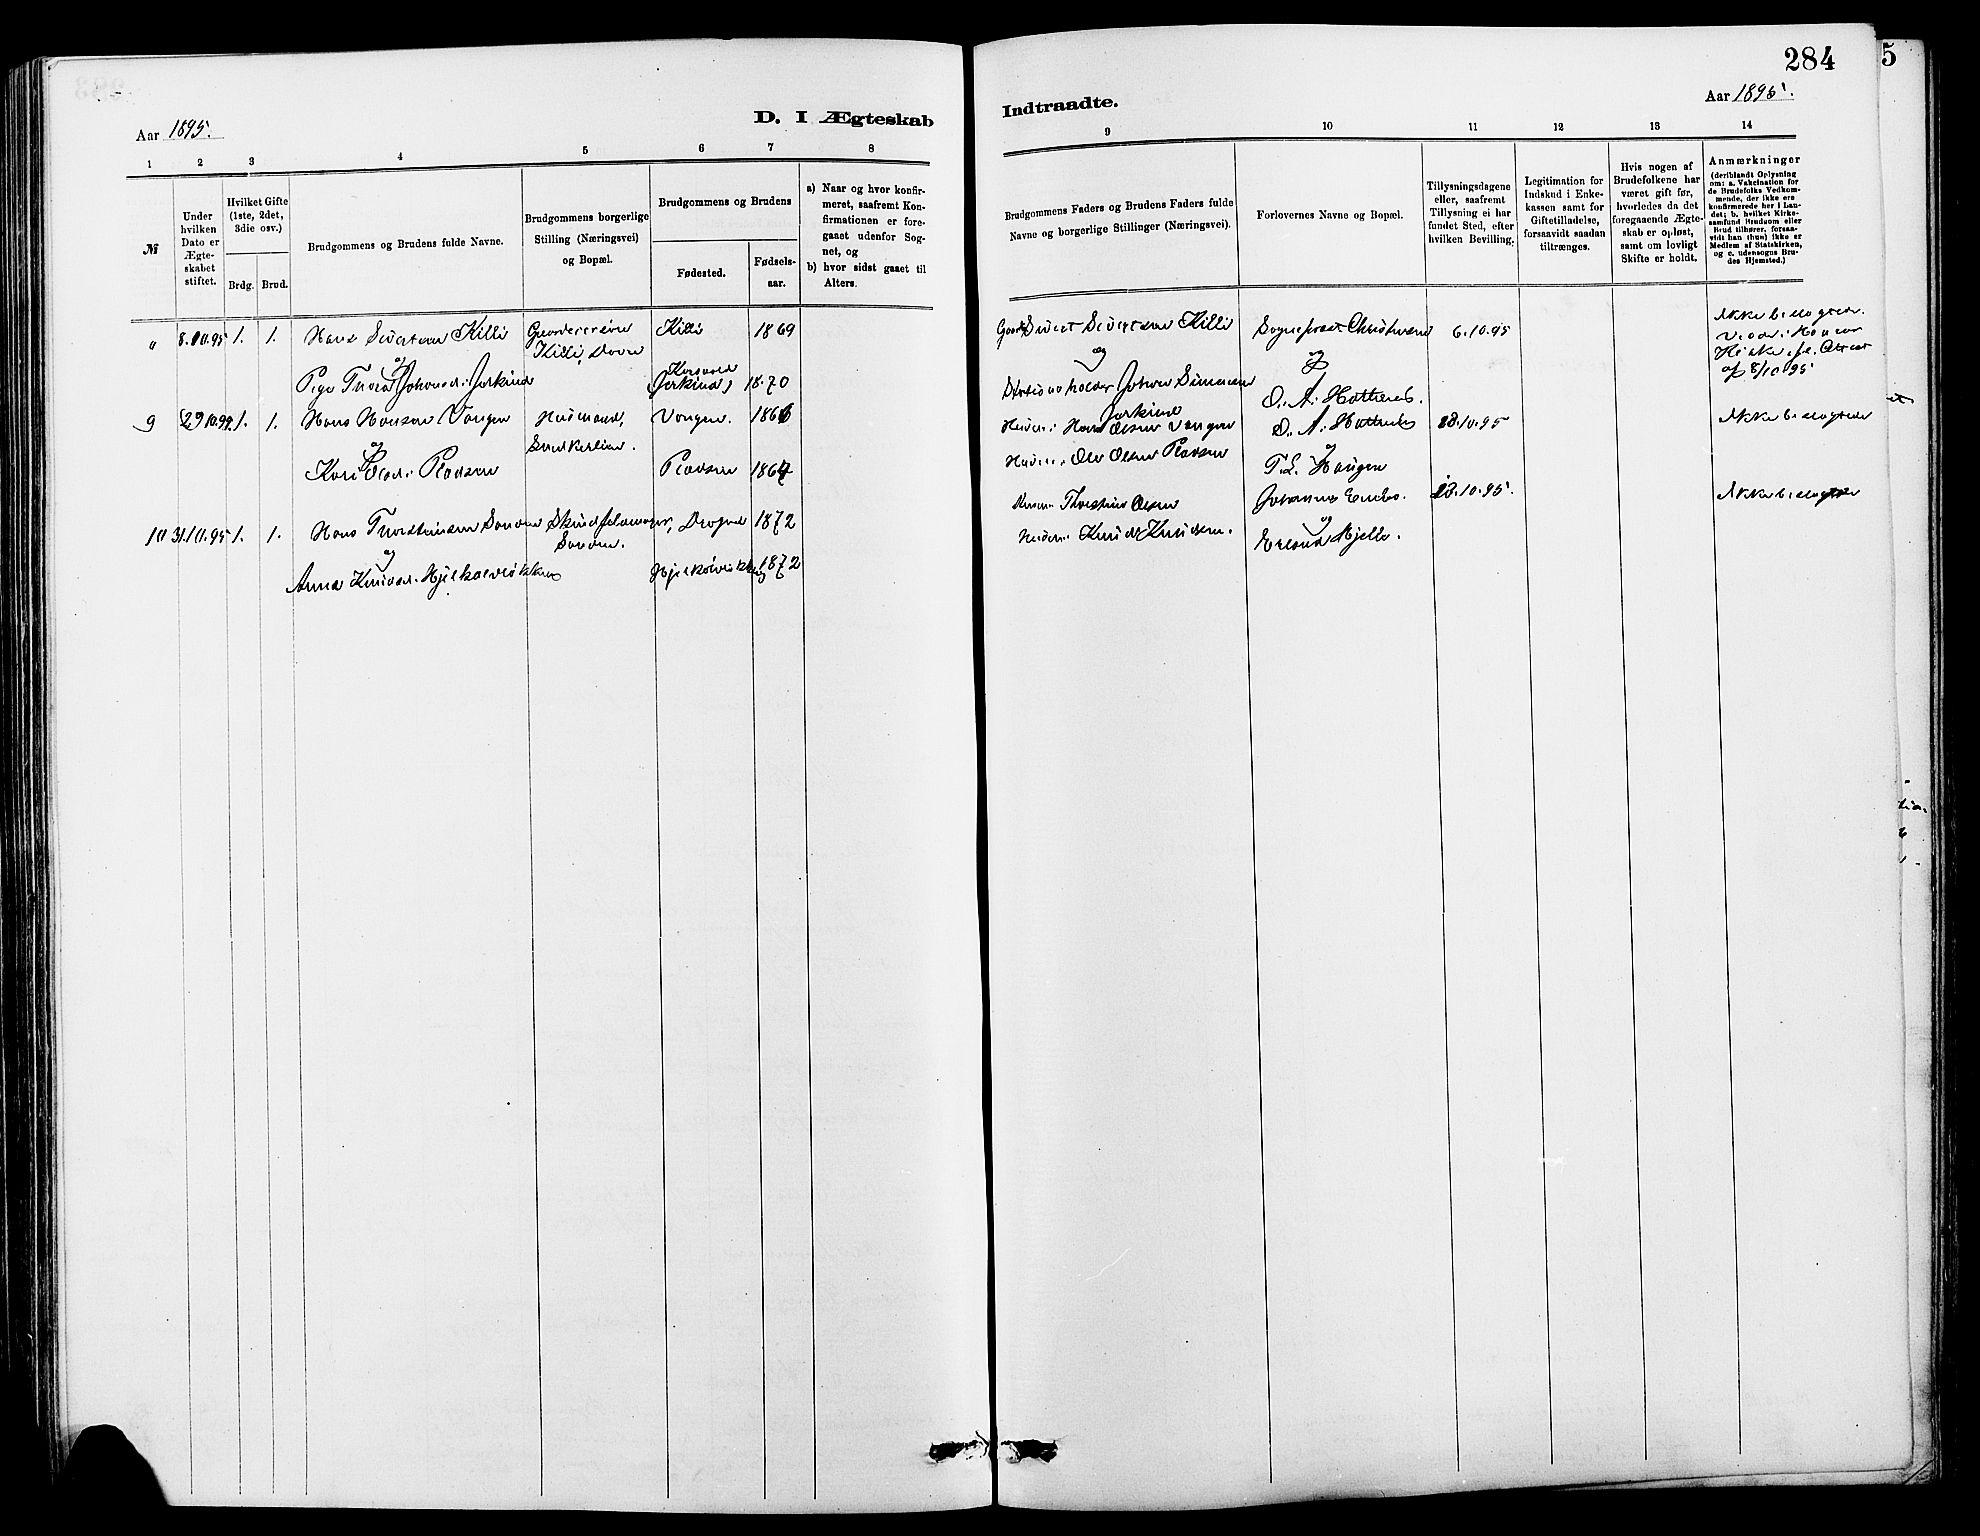 SAH, Dovre prestekontor, Klokkerbok nr. 2, 1881-1907, s. 284